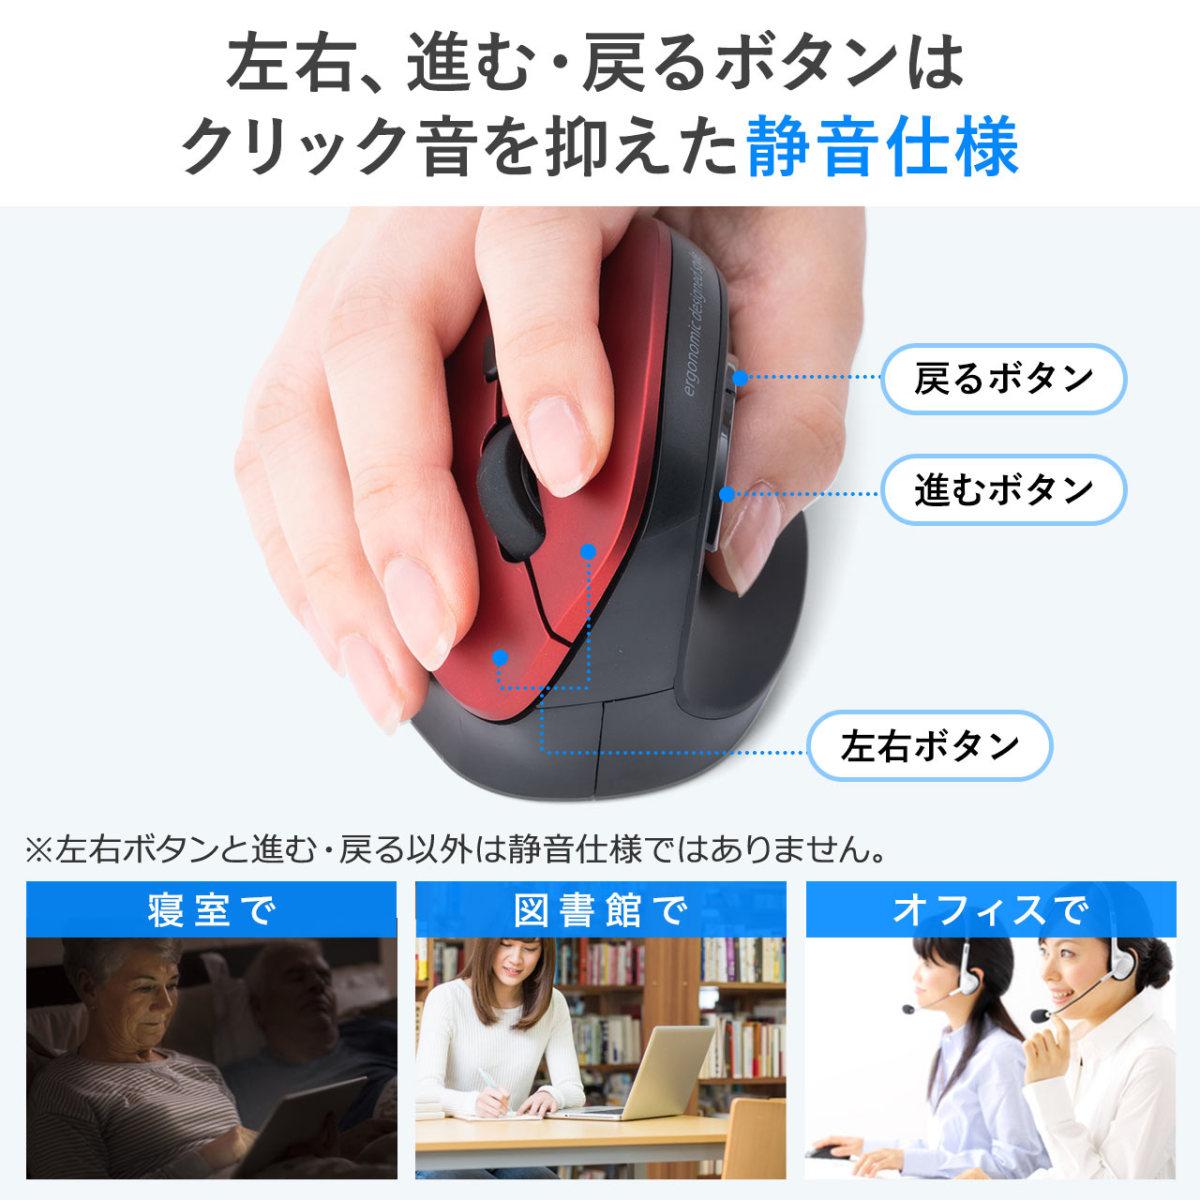 マウス Bluetooth ワイヤレス 無線 静音 エルゴノミクス 腱鞘炎防止 マルチペアリング カウント切り替え